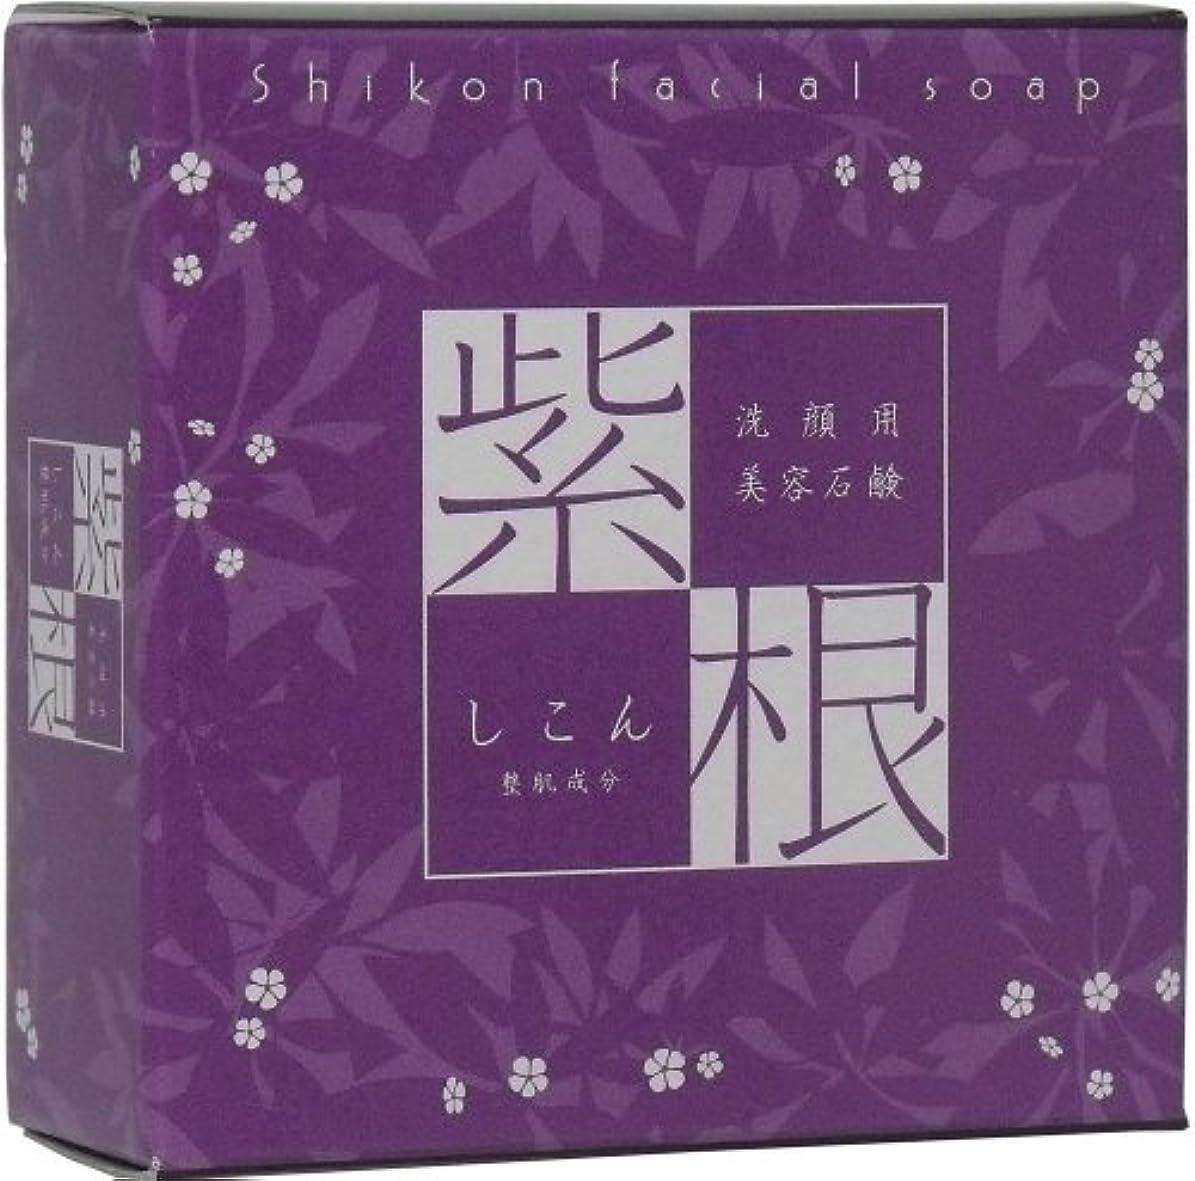 怒りとにかく満足させる洗顔用 紫根石けん (泡立てネット付き) 100g ×10個セット